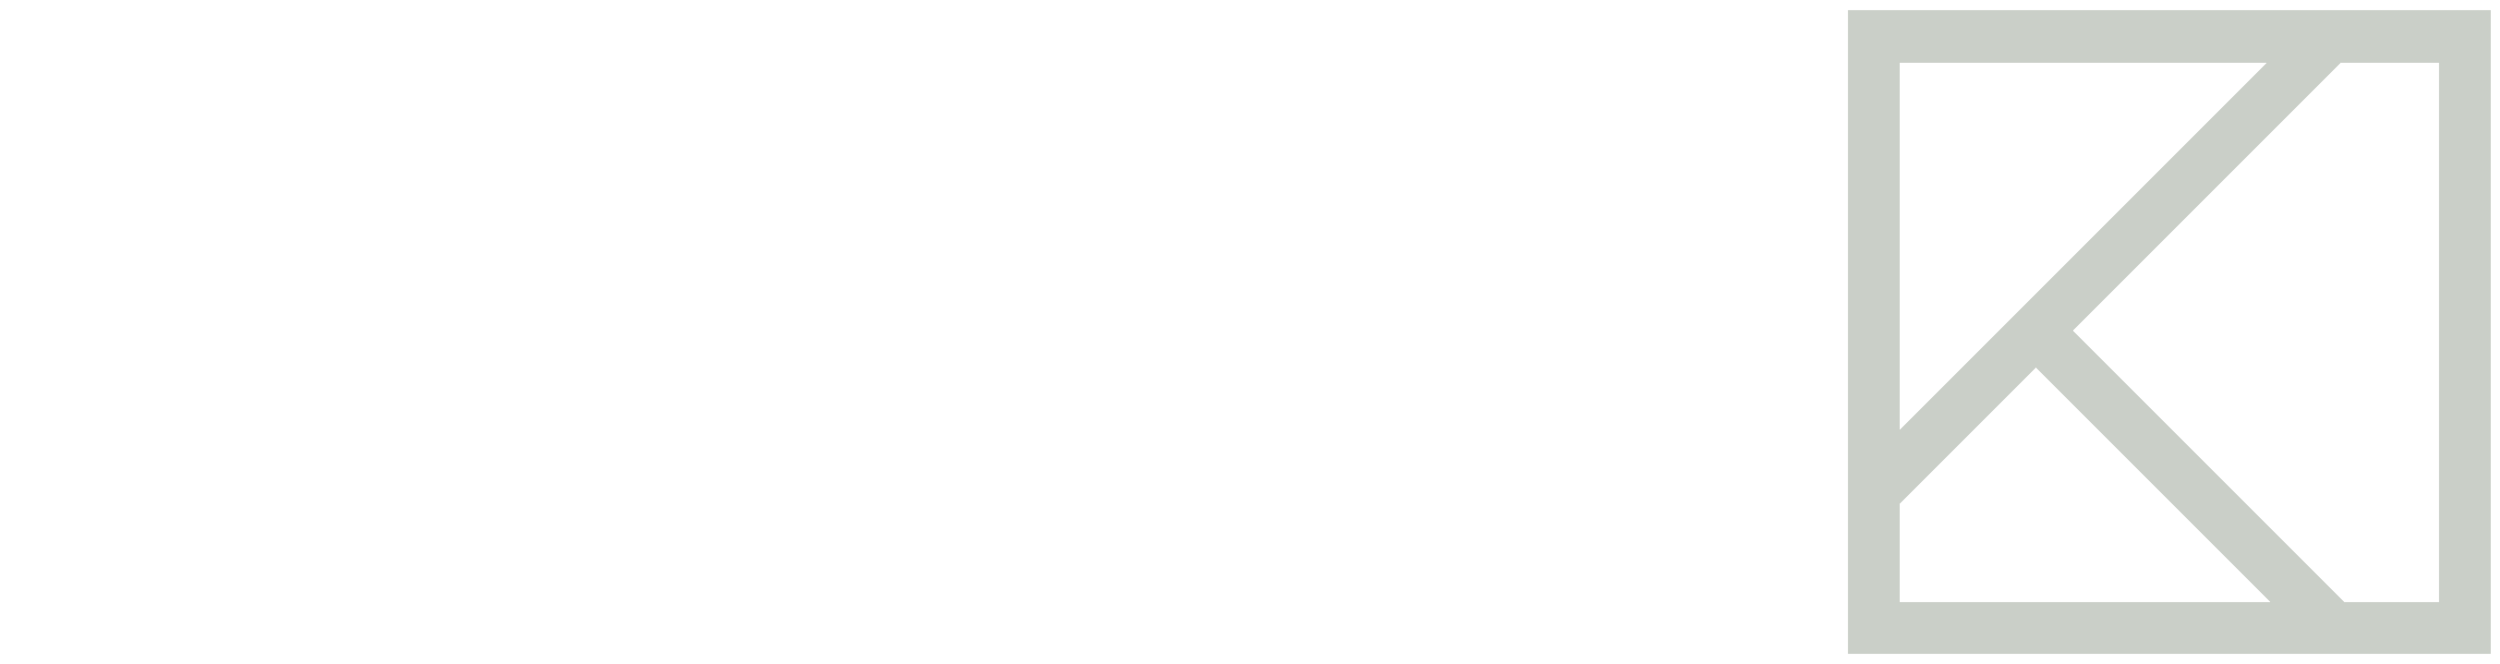 Kamerbreed-01.png